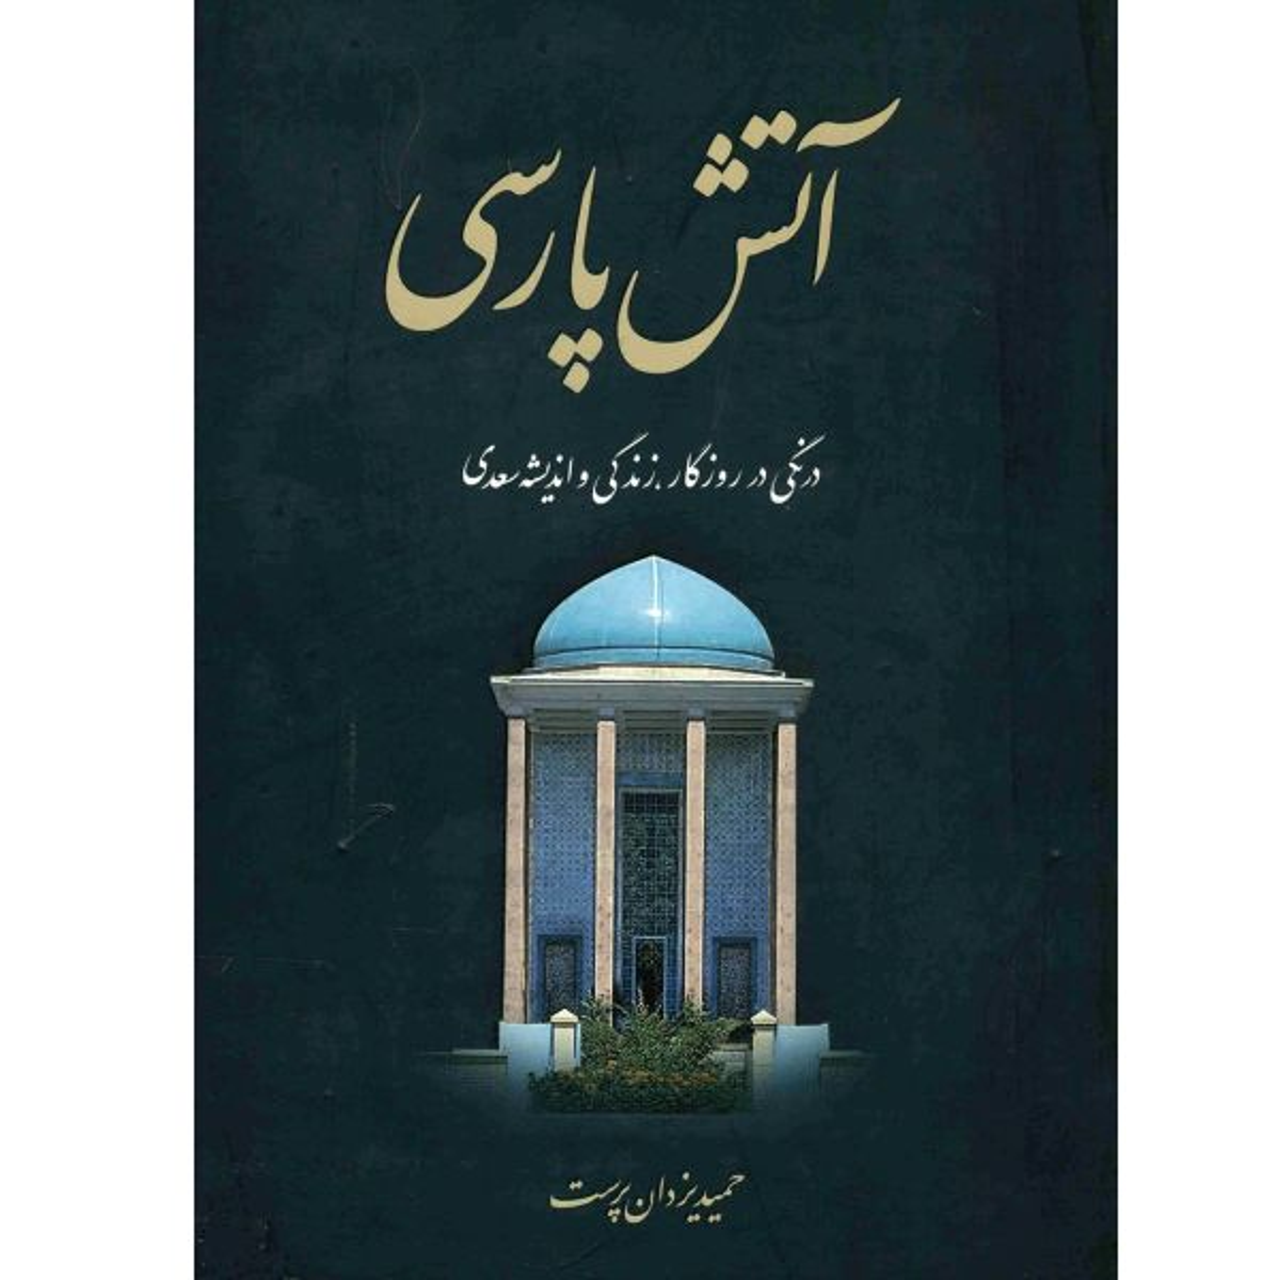 کتاب آتش پارسی اثر حمید یزدان پرست - دو جلدی